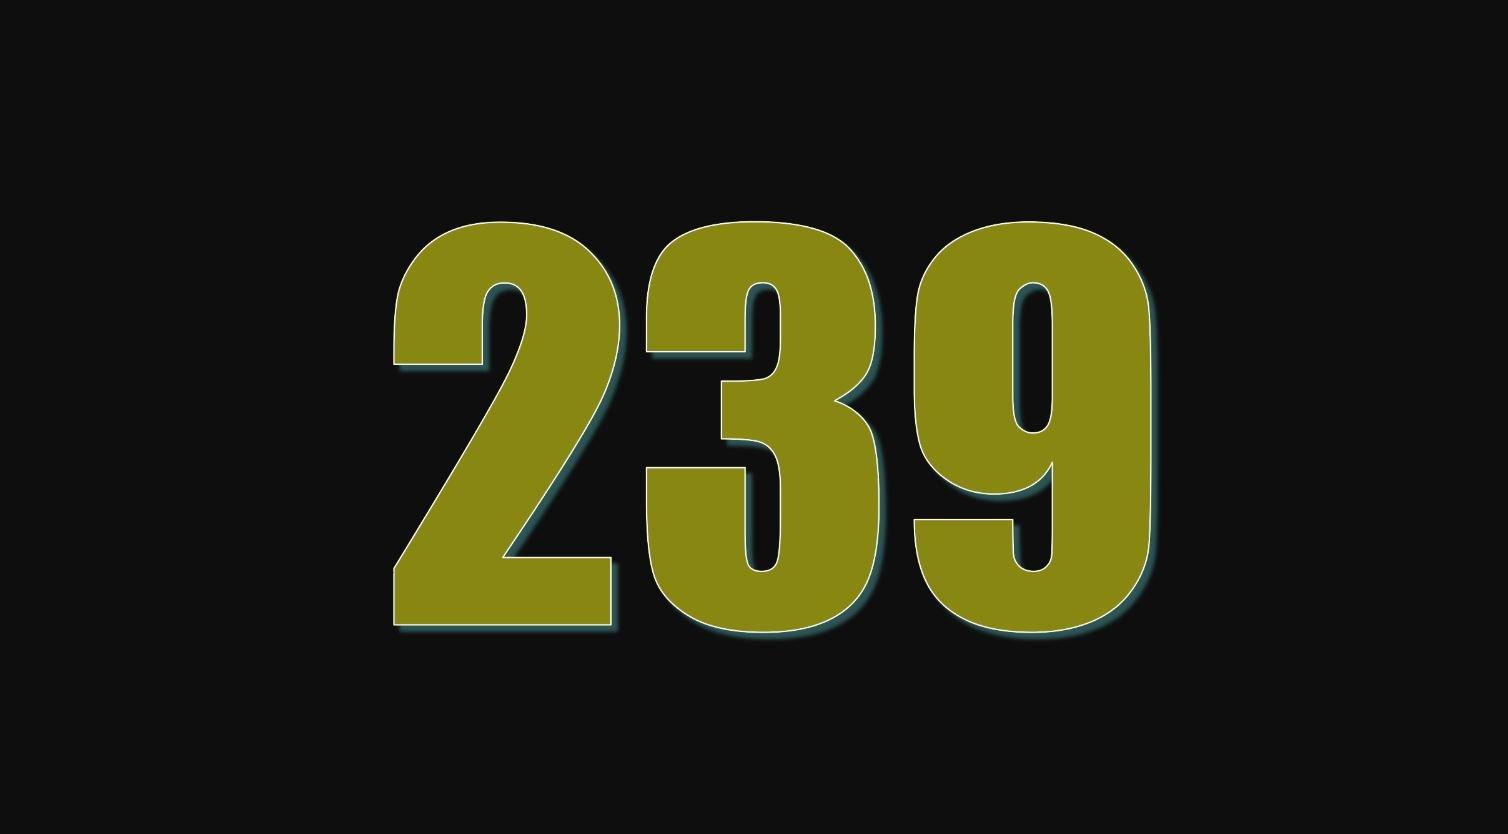 Il significato del numero 239